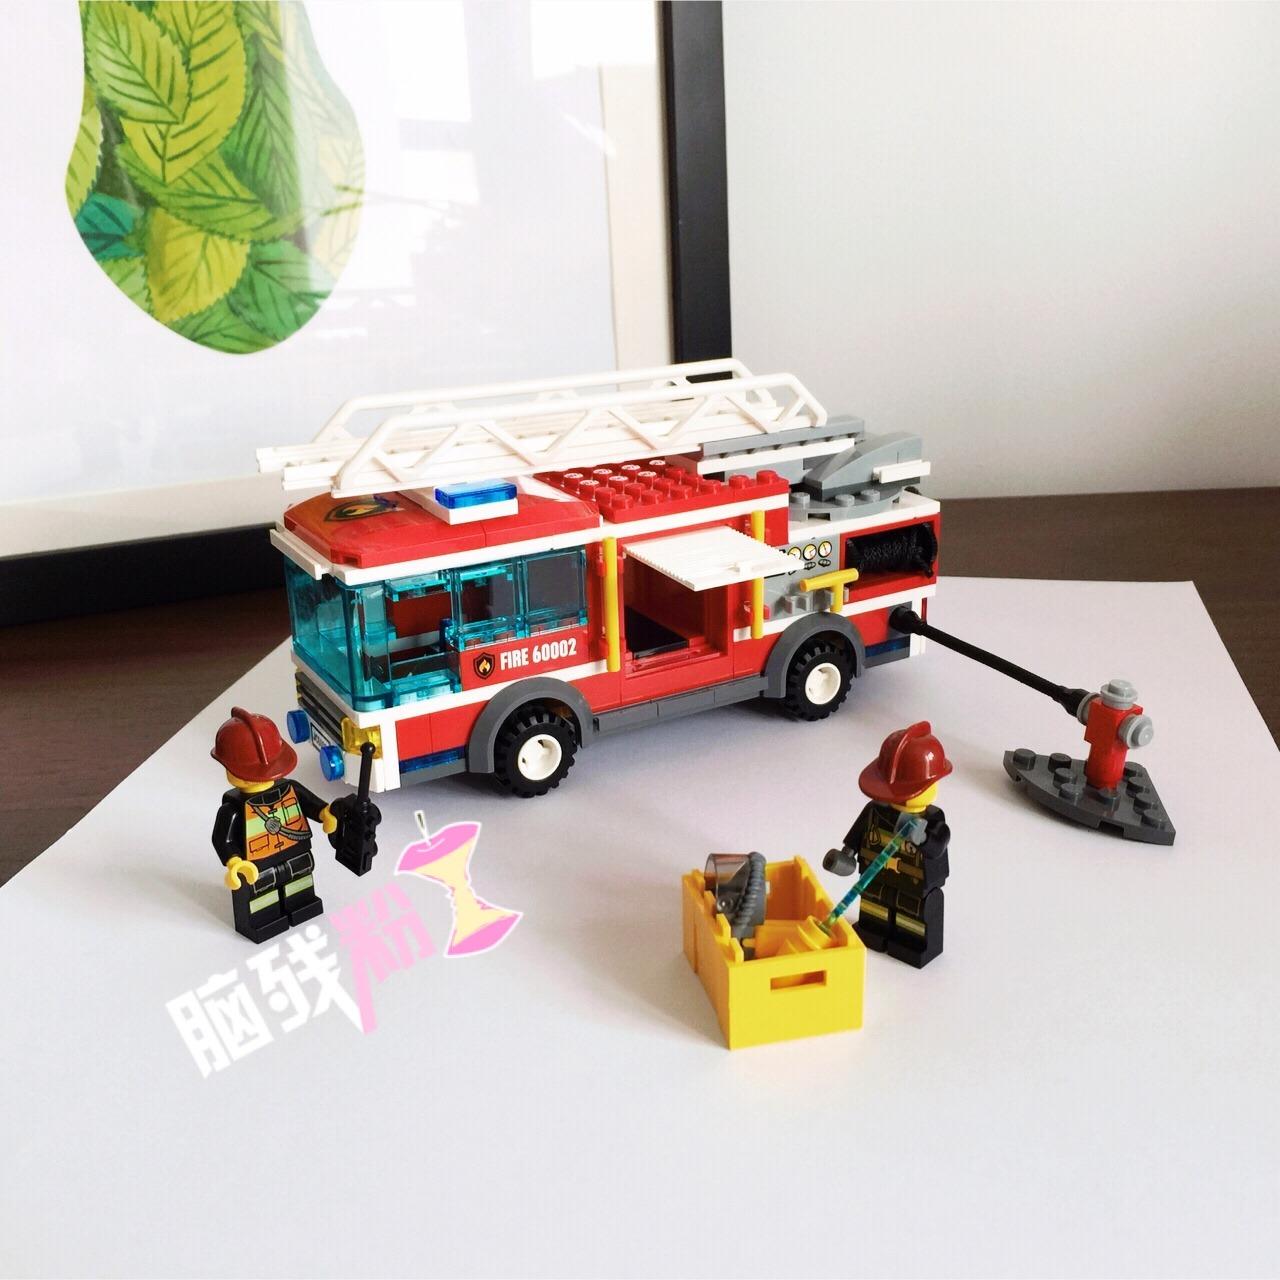 LEGO乐高 大型消防车 不知道从何时开始喜欢乐高,或许是受我家先生的影响,他很喜欢,常常买给他侄子(不过后来都是我俩拼) 我喜欢城市系列,每一款都爱,无奈荷包羞涩,城市系列4位数实在不讨喜就只能每次买点小东西拼一拼,也挺过瘾 这款是在福利社买的,当时看到就马上拿给先生看,结果就是:买!哈哈 消防车其实不太大,但是很精致,侧面的小门都可以打开,黄色的工具箱可以放进去;水枪后端是黑色绳子做的,可以拉出来;云梯可以随意升高拉伸,而且云梯的底板可以旋转~贵还是有贵的道理的 平时放在柜子里呆着,真的闪闪惹人爱